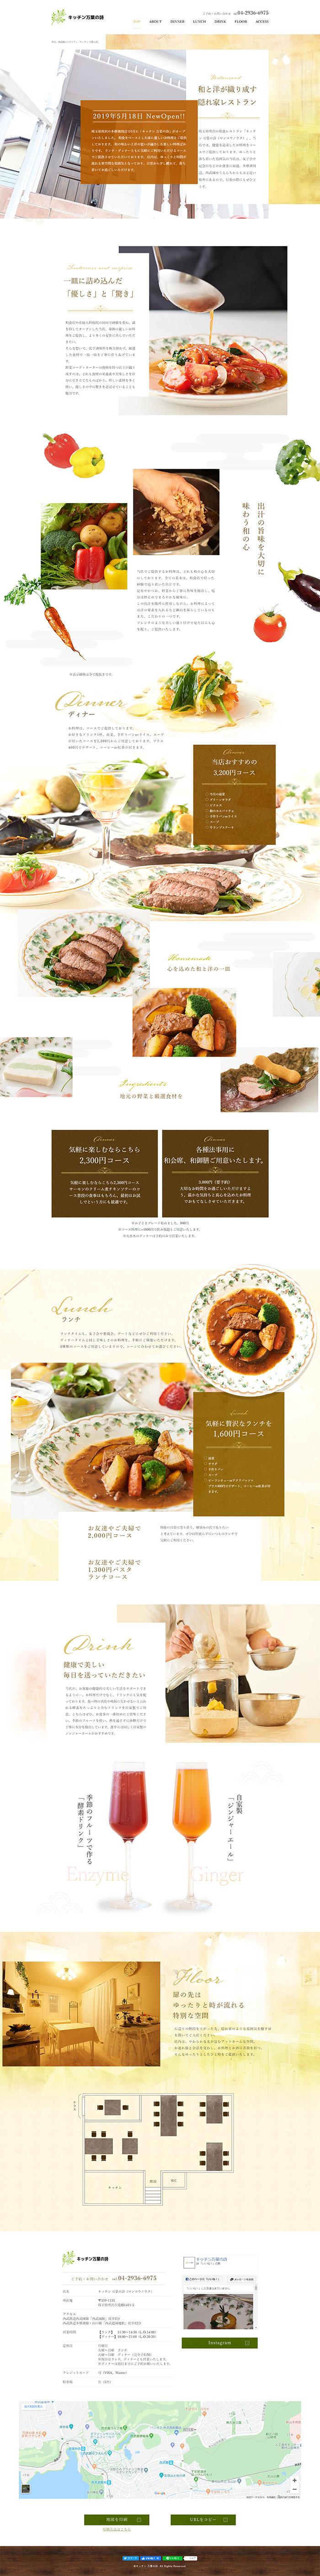 所沢、西武園のイタリアンレストラン「キッチン 万葉の詩」